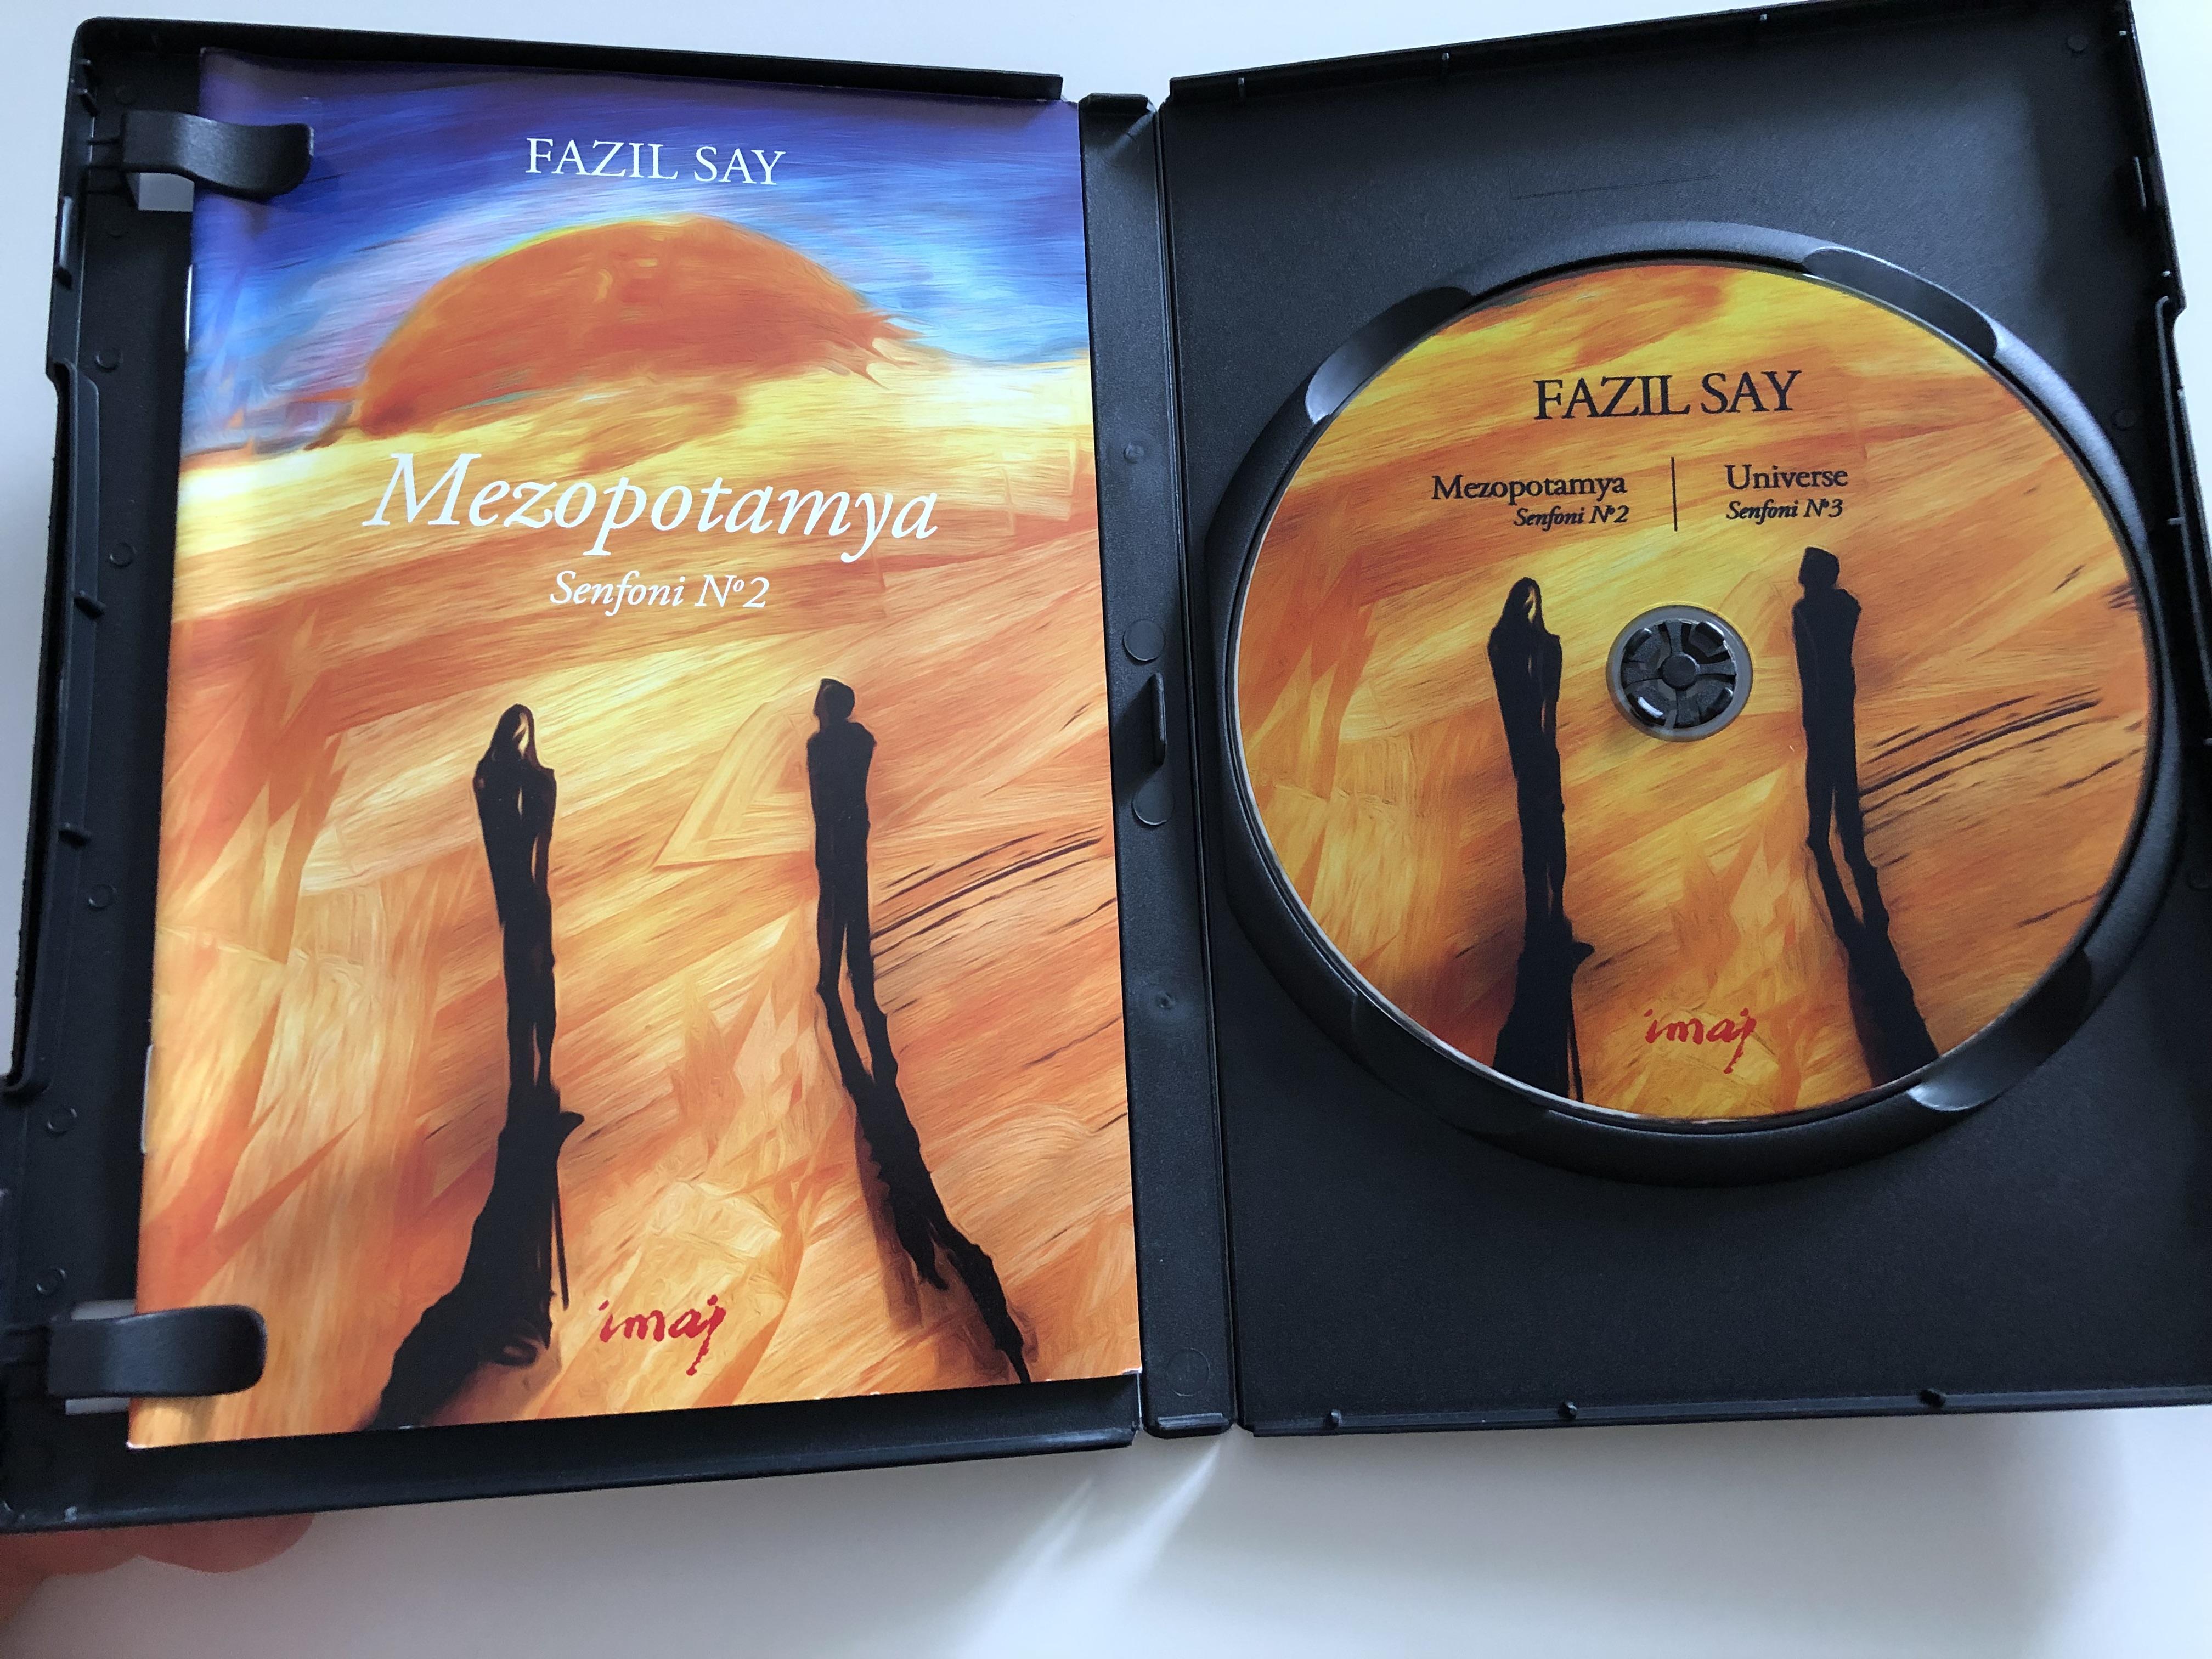 fazil-say-meopotamya-senfoni-no.2-universe-senfoni-no.-3-dvd-2013-imaj-2-.jpg